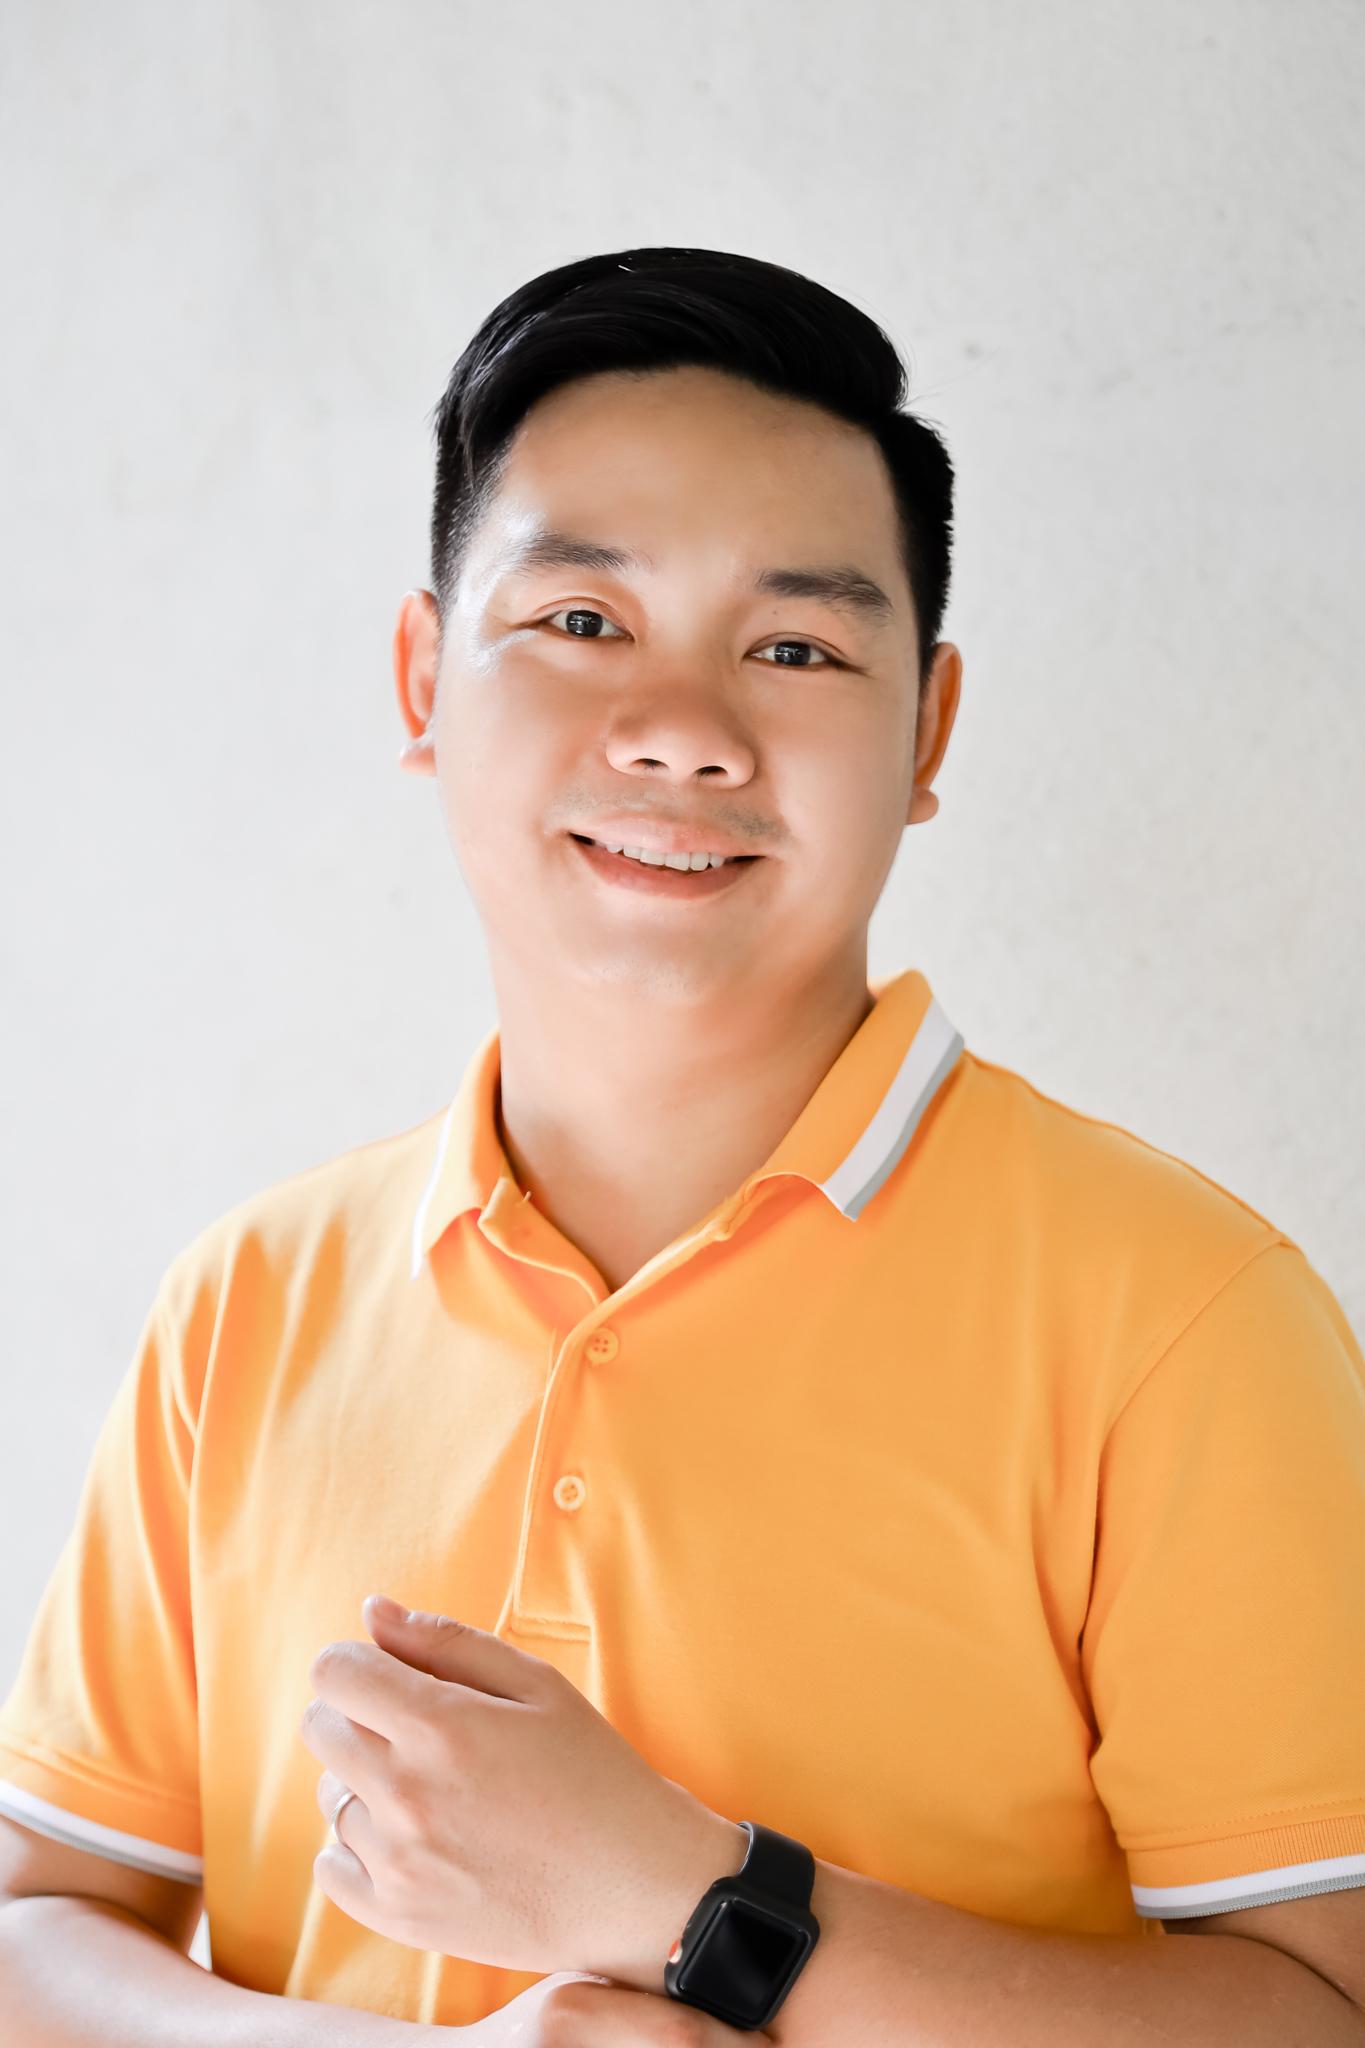 PHAN LÂM THAO